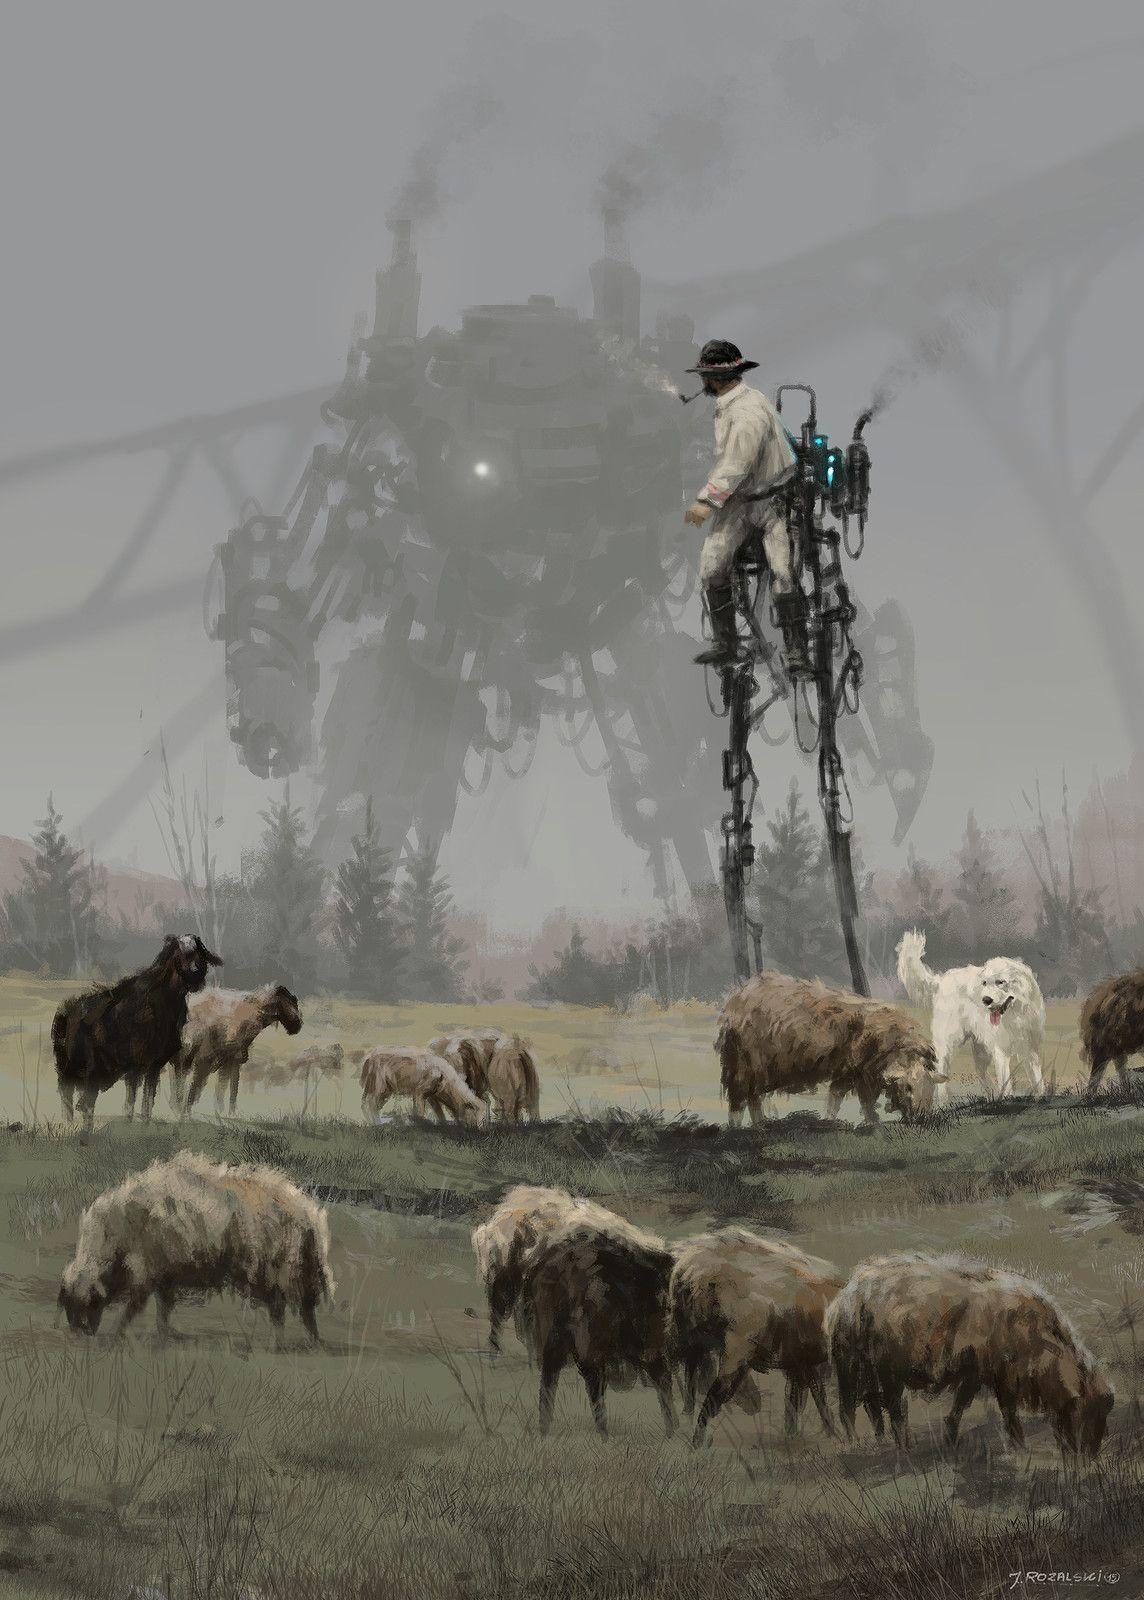 1920 - shepherd, Jakub Rozalski on ArtStation at https://www.artstation.com/artwork/V85GR